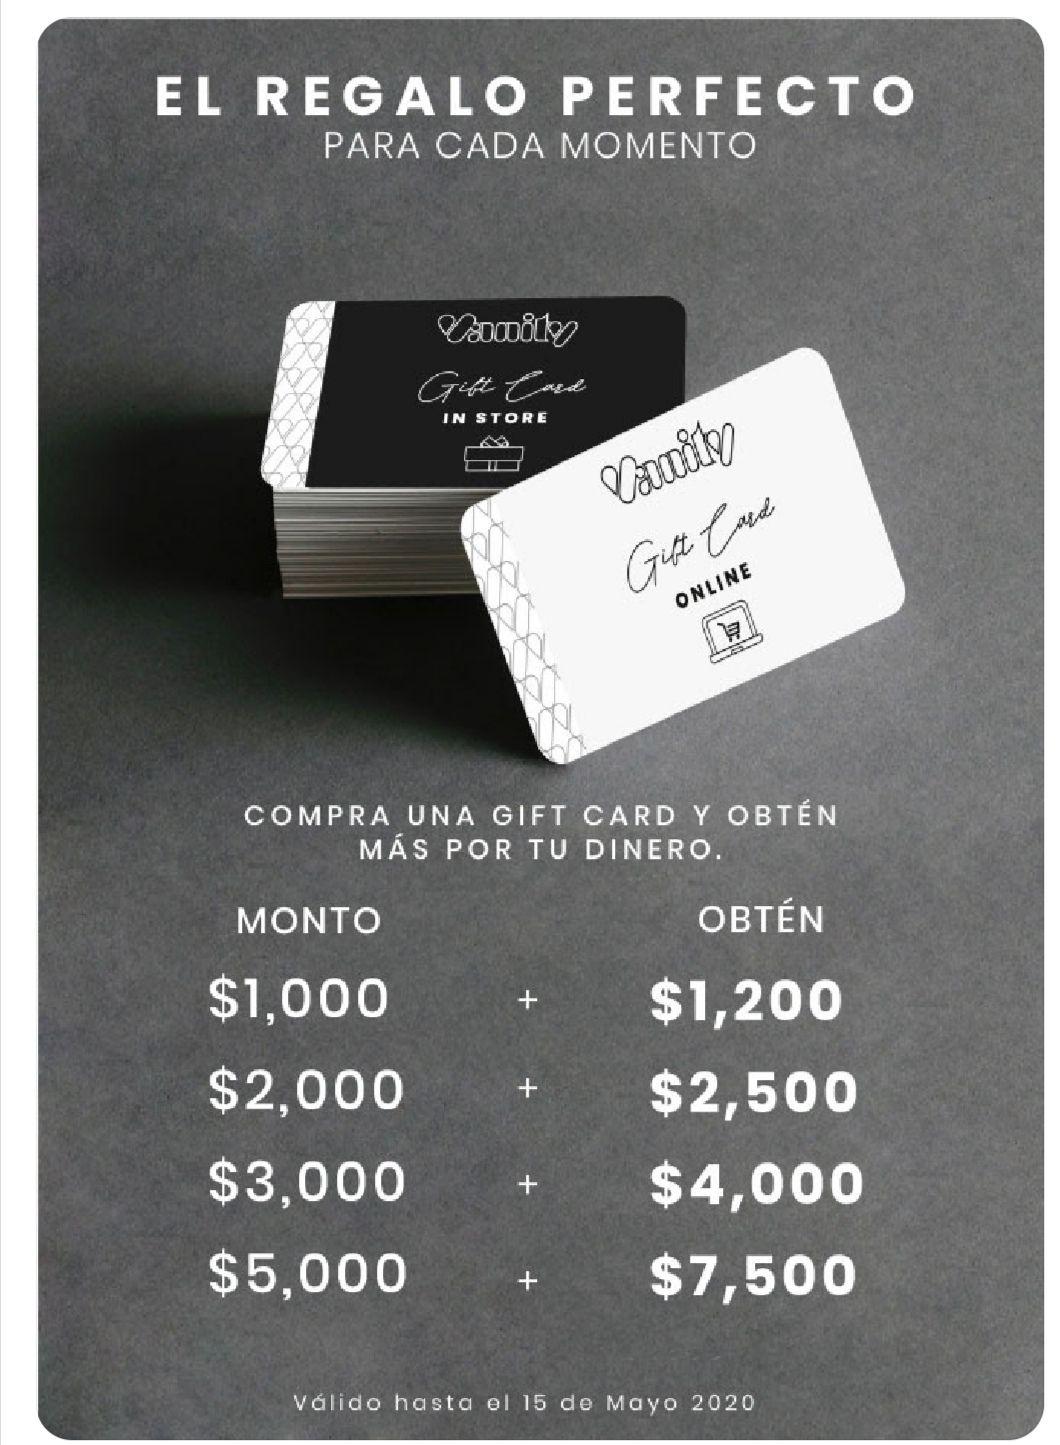 Promoción Vanity Día de las Madres de 20% a 50% adicional de saldo en gift cards